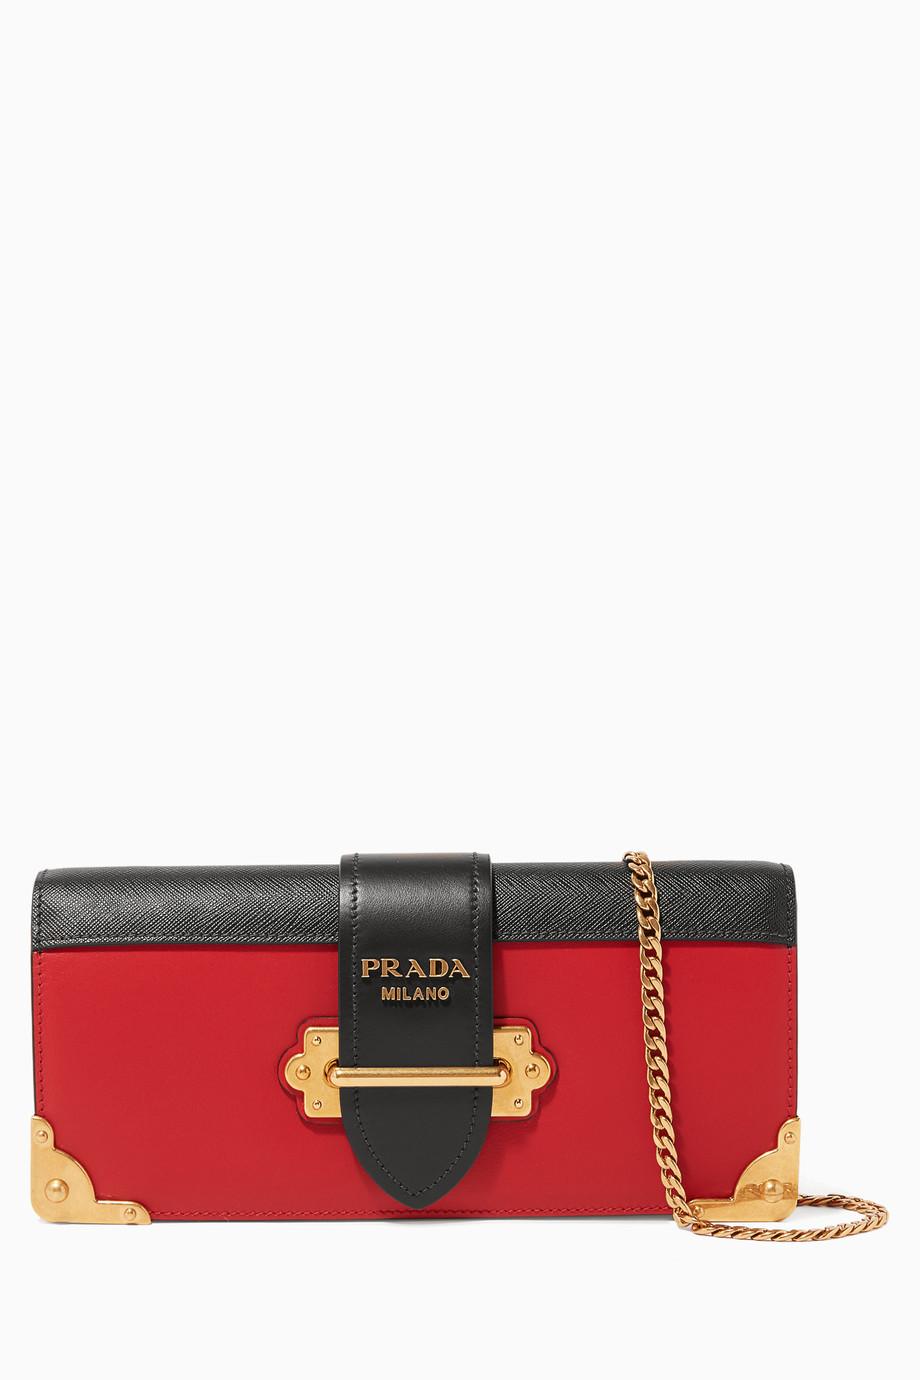 fdd2f33e3 تسوق حقيبة كروس كاييه جلد اسود واحمر Prada أحمر للنساء   اُناس السعودية